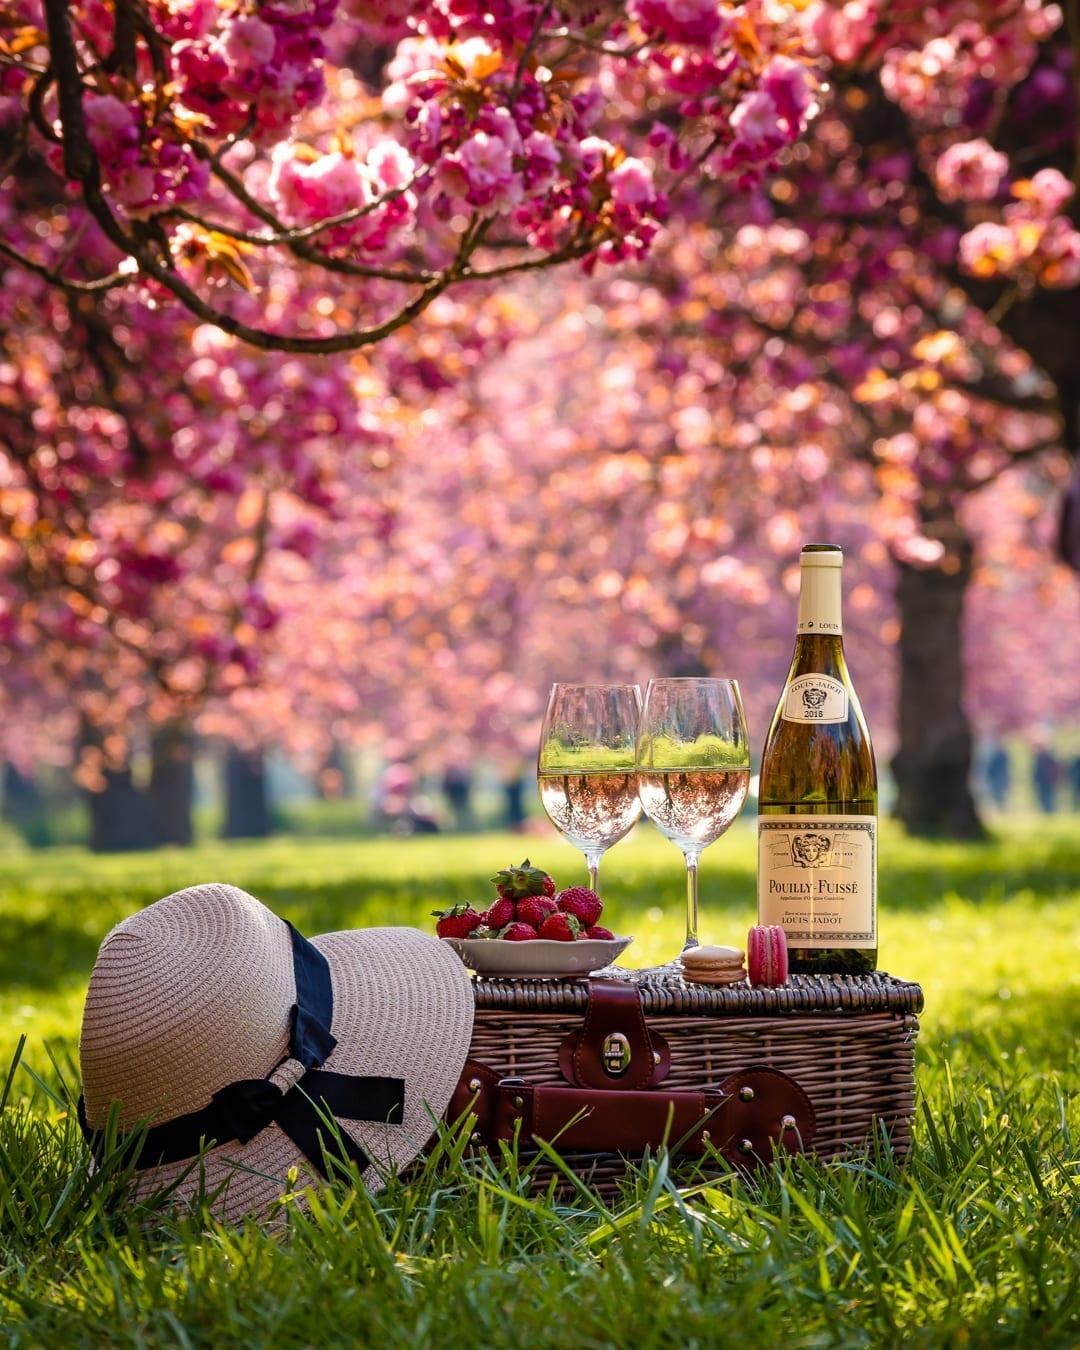 picnic, wine, paris, france